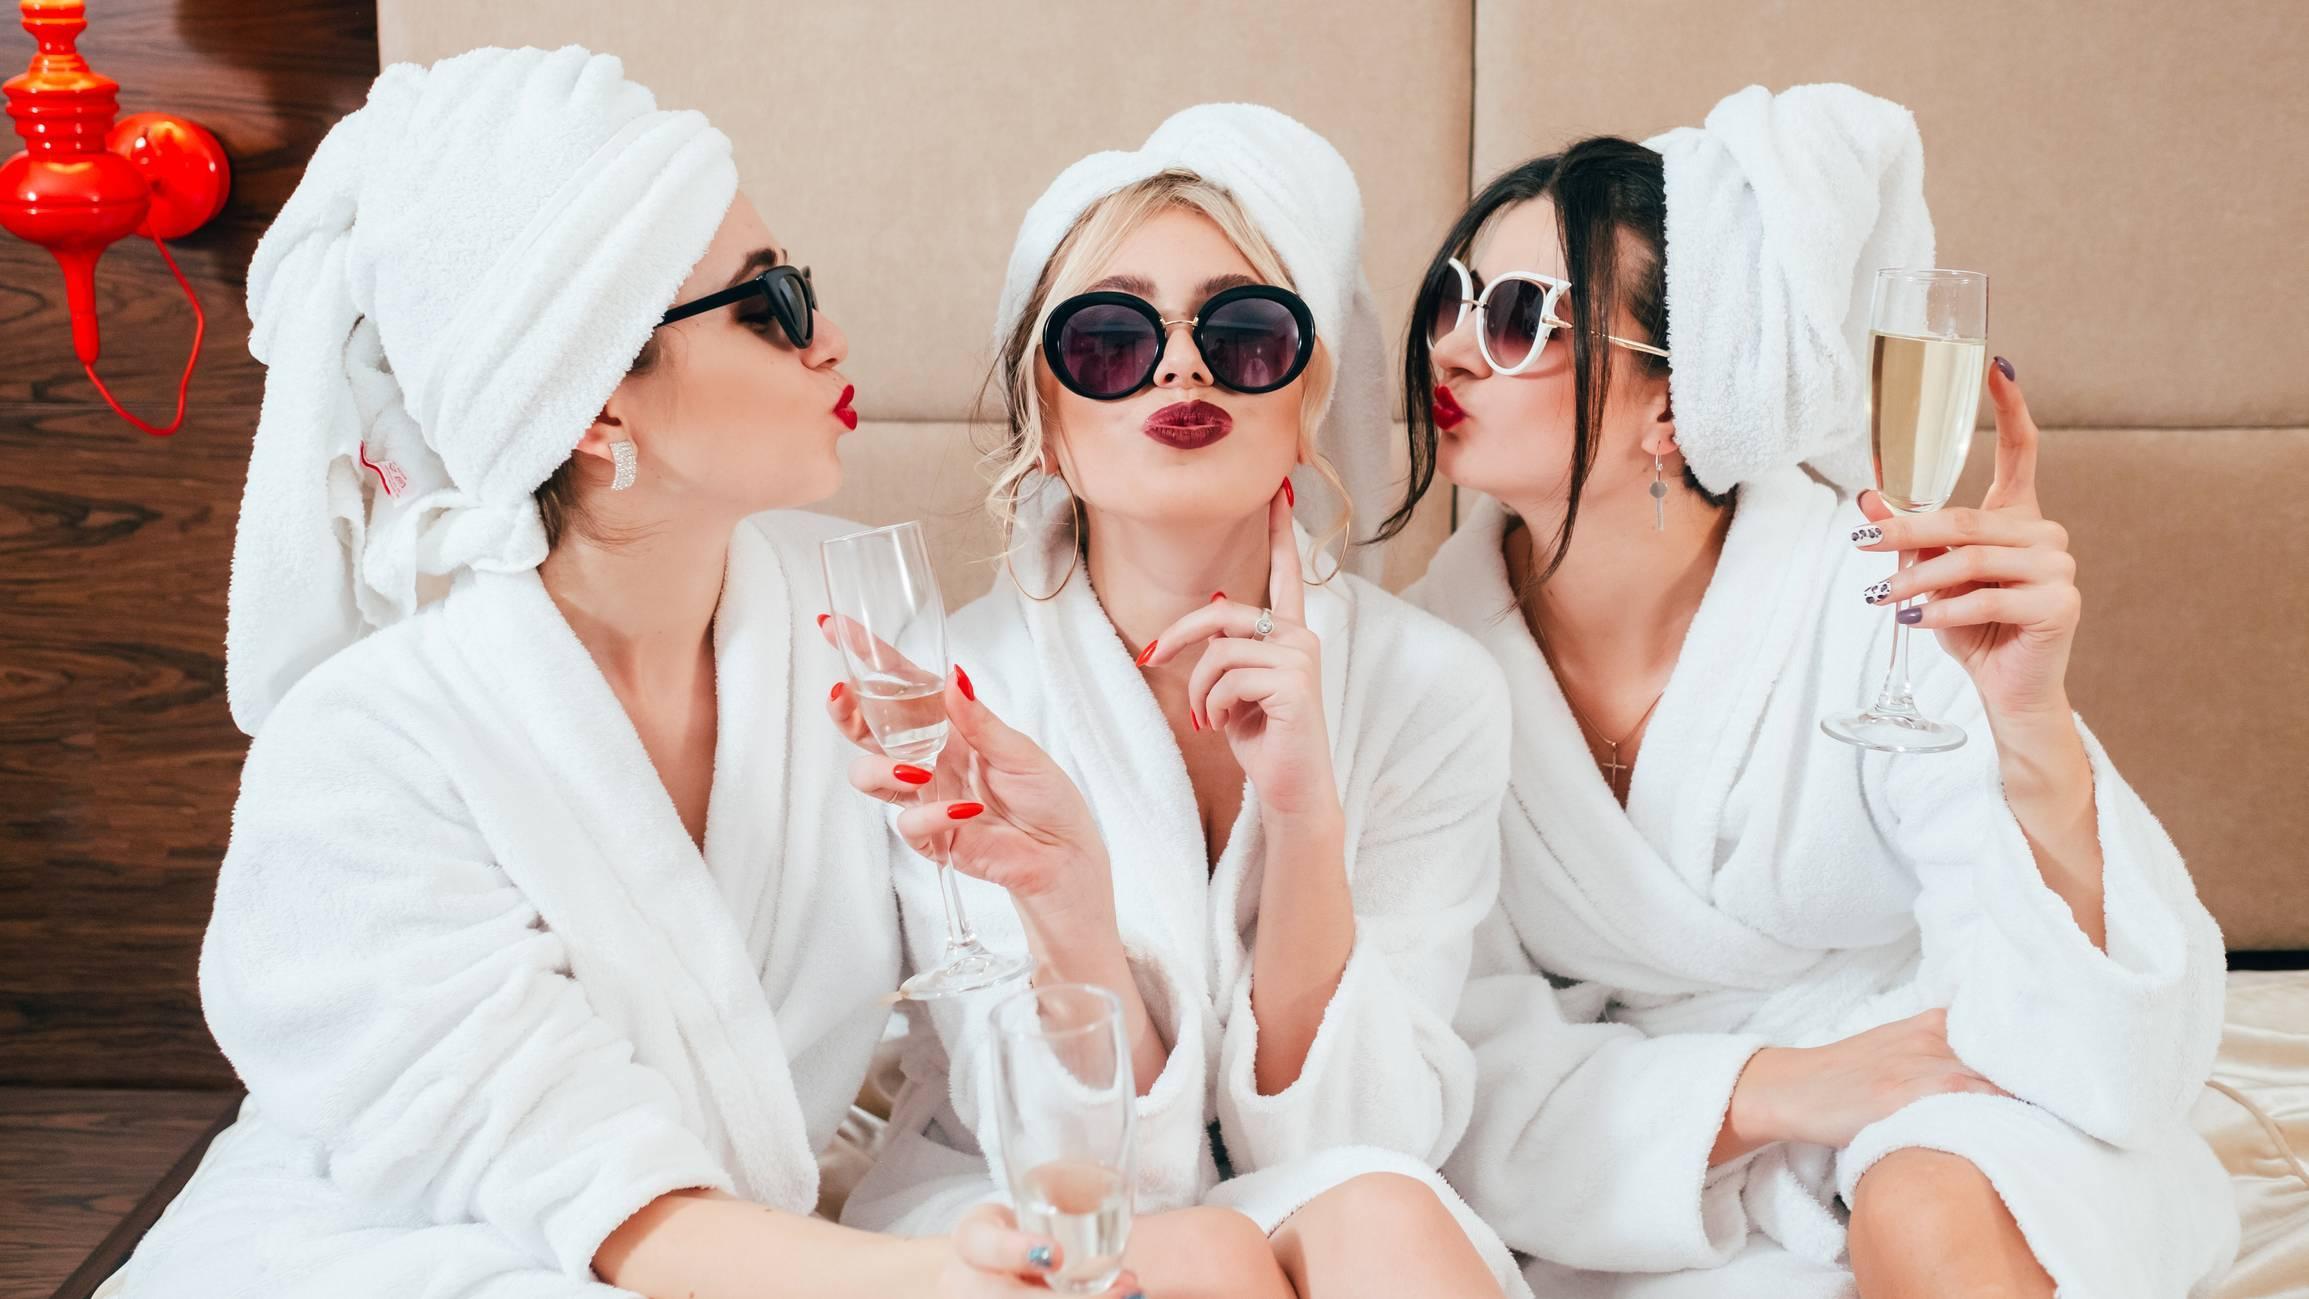 picture bienfaits avantages spa - Le spa, ses bienfaits, ses avantages - Bien-Être